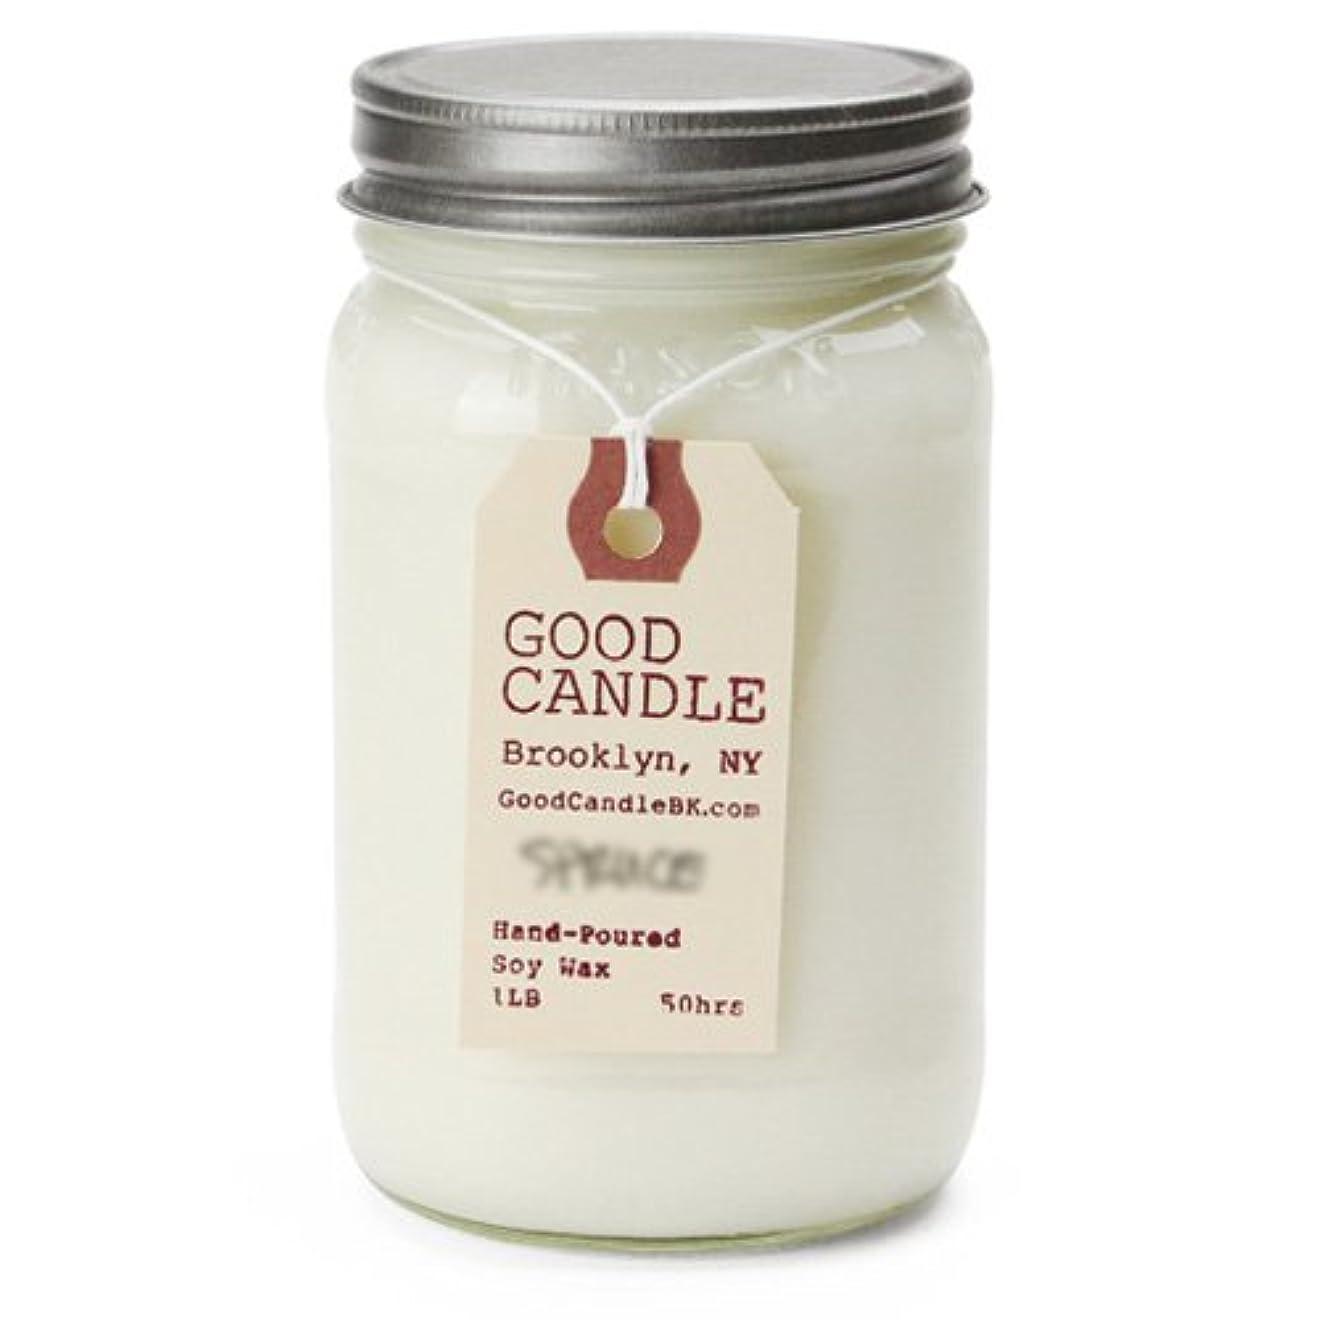 じゃがいもウサギレキシコングッドキャンドル 1ポンド メイソンジャー キャンドル Good Candle 1LB Mason jar candle [ Wash board ] 正規品